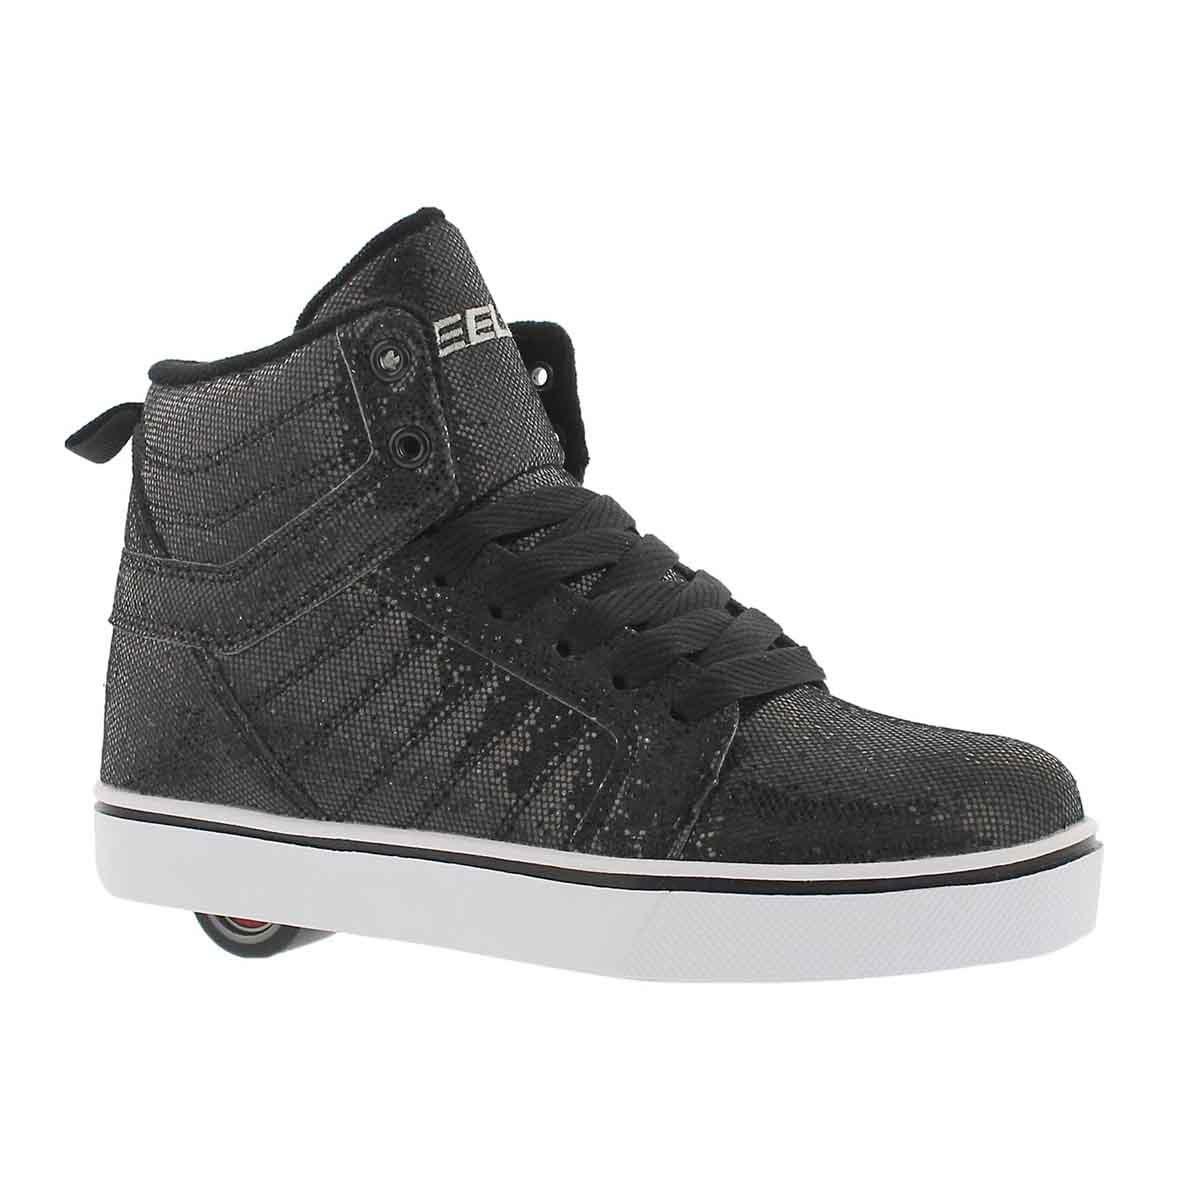 Girls' UPTOWN black disco hi skate sneakers